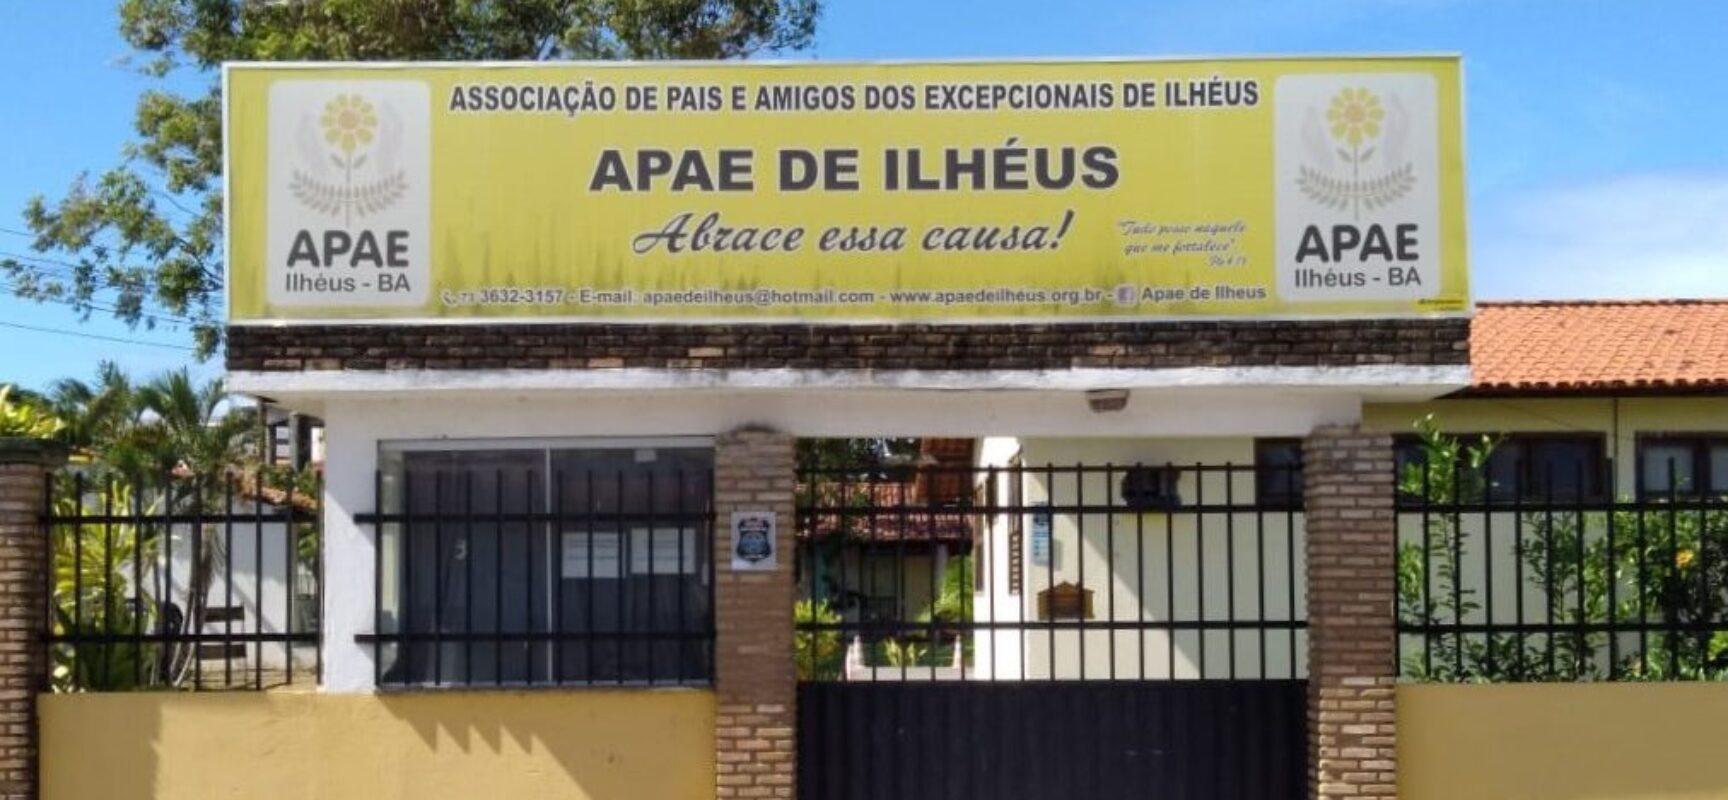 Faculdade de Ilhéus mantém atendimento em Psicologia para a APAE durante pandemia